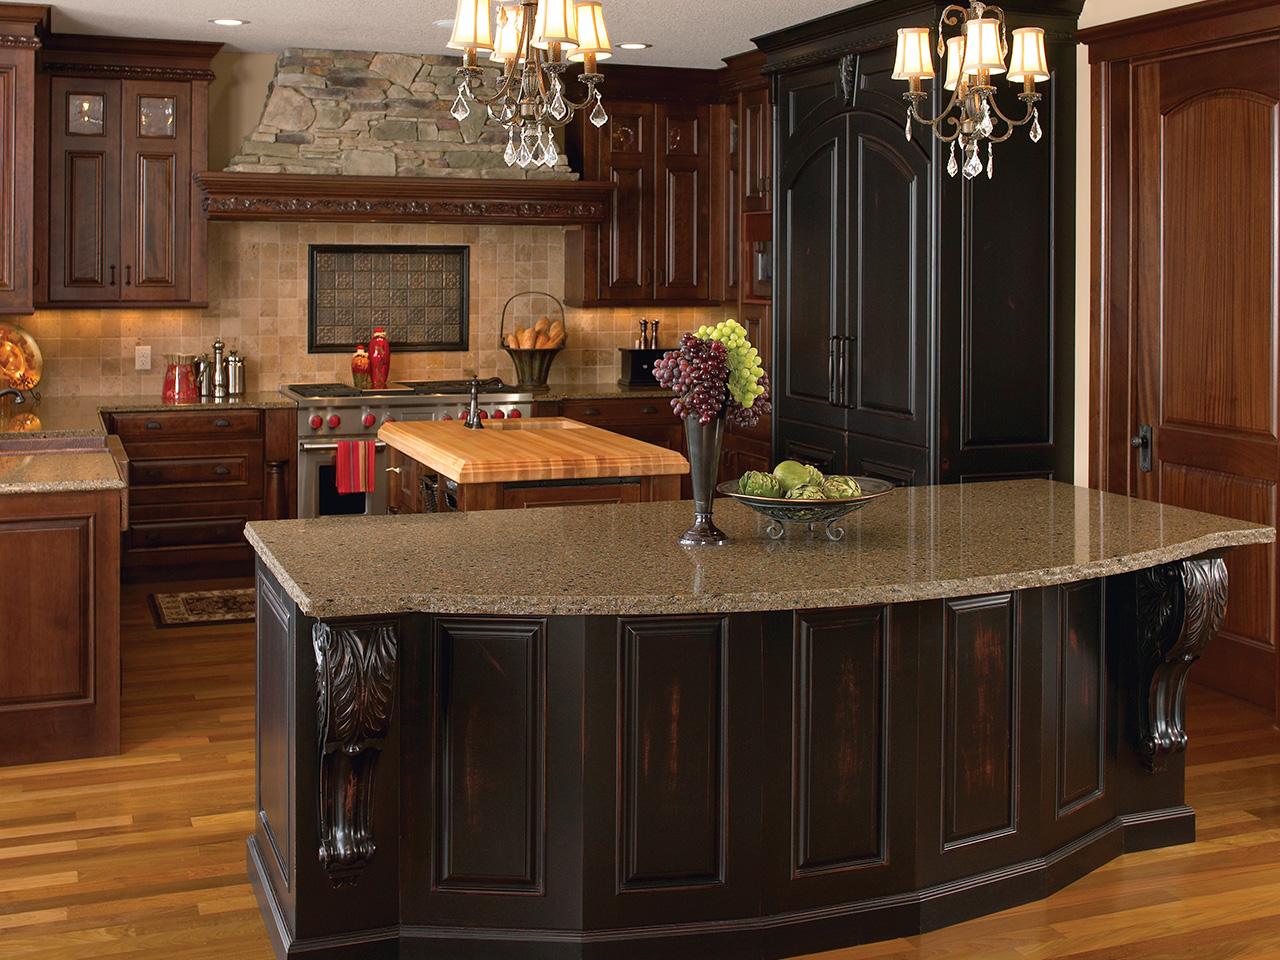 choosing kitchen countertops kitchen remodel cincinnati Craftsmen Home Improvements Inc